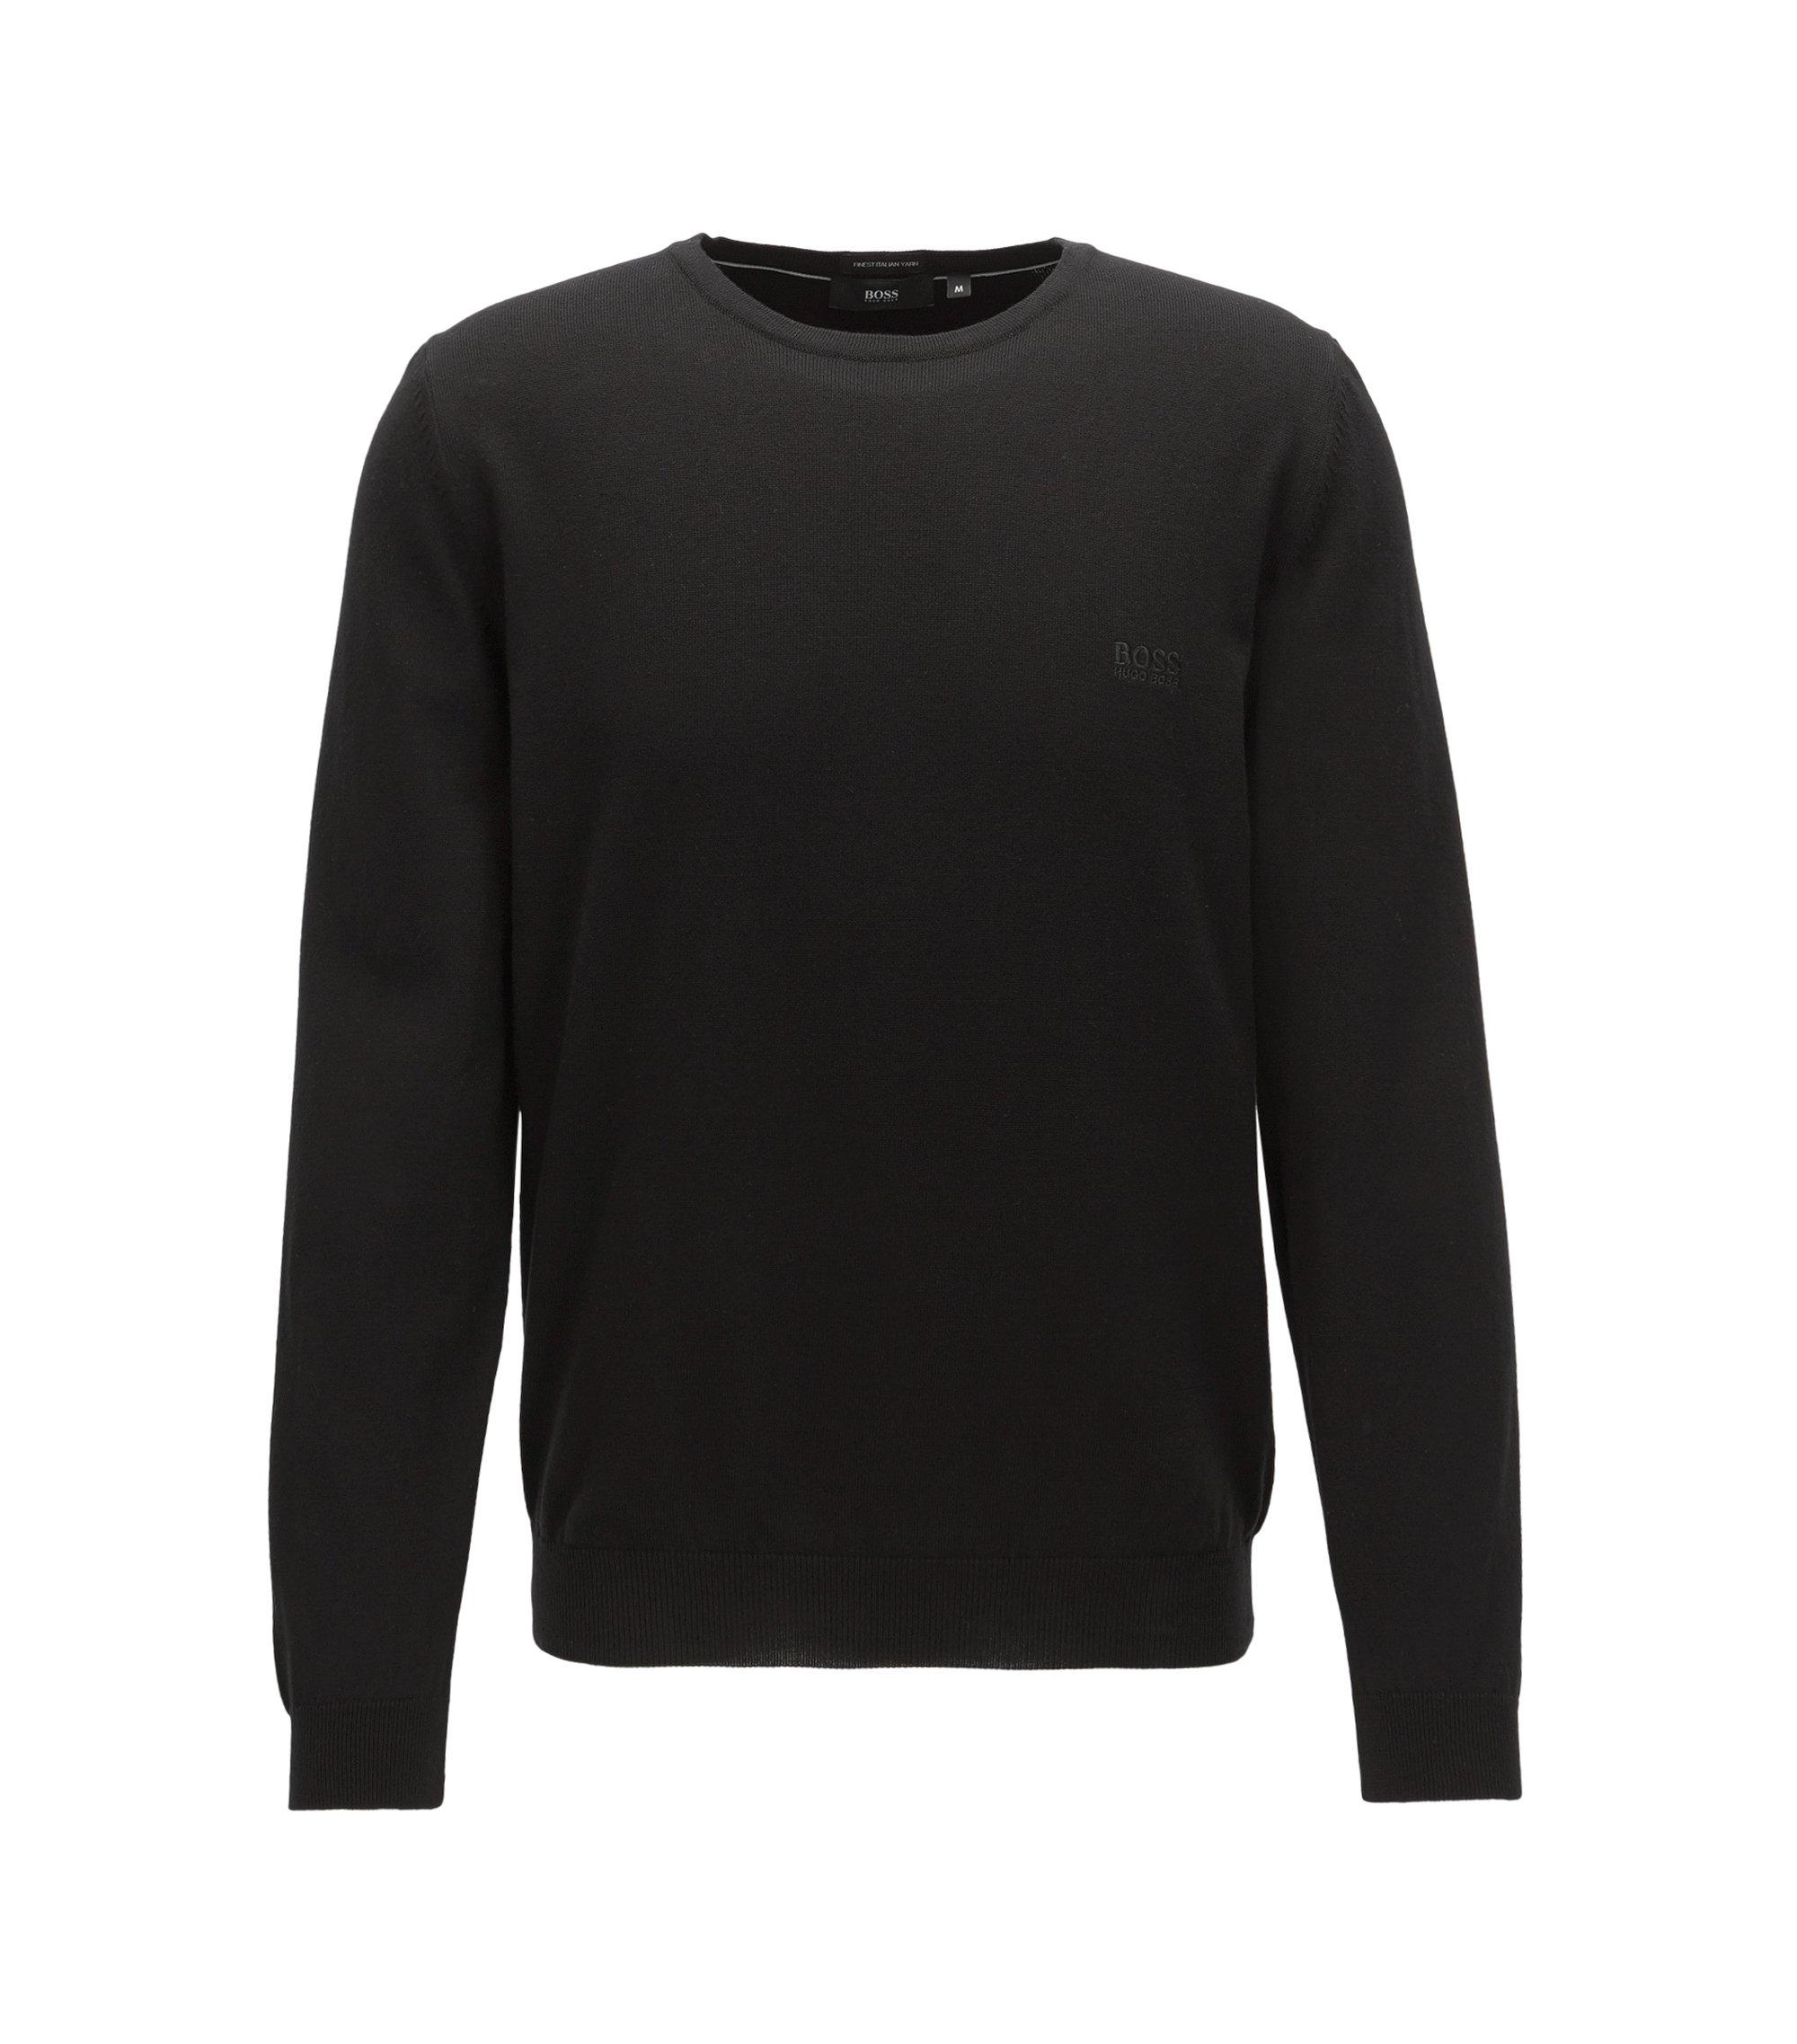 Pull à col ras-du-cou en coton avec logo brodé, Noir